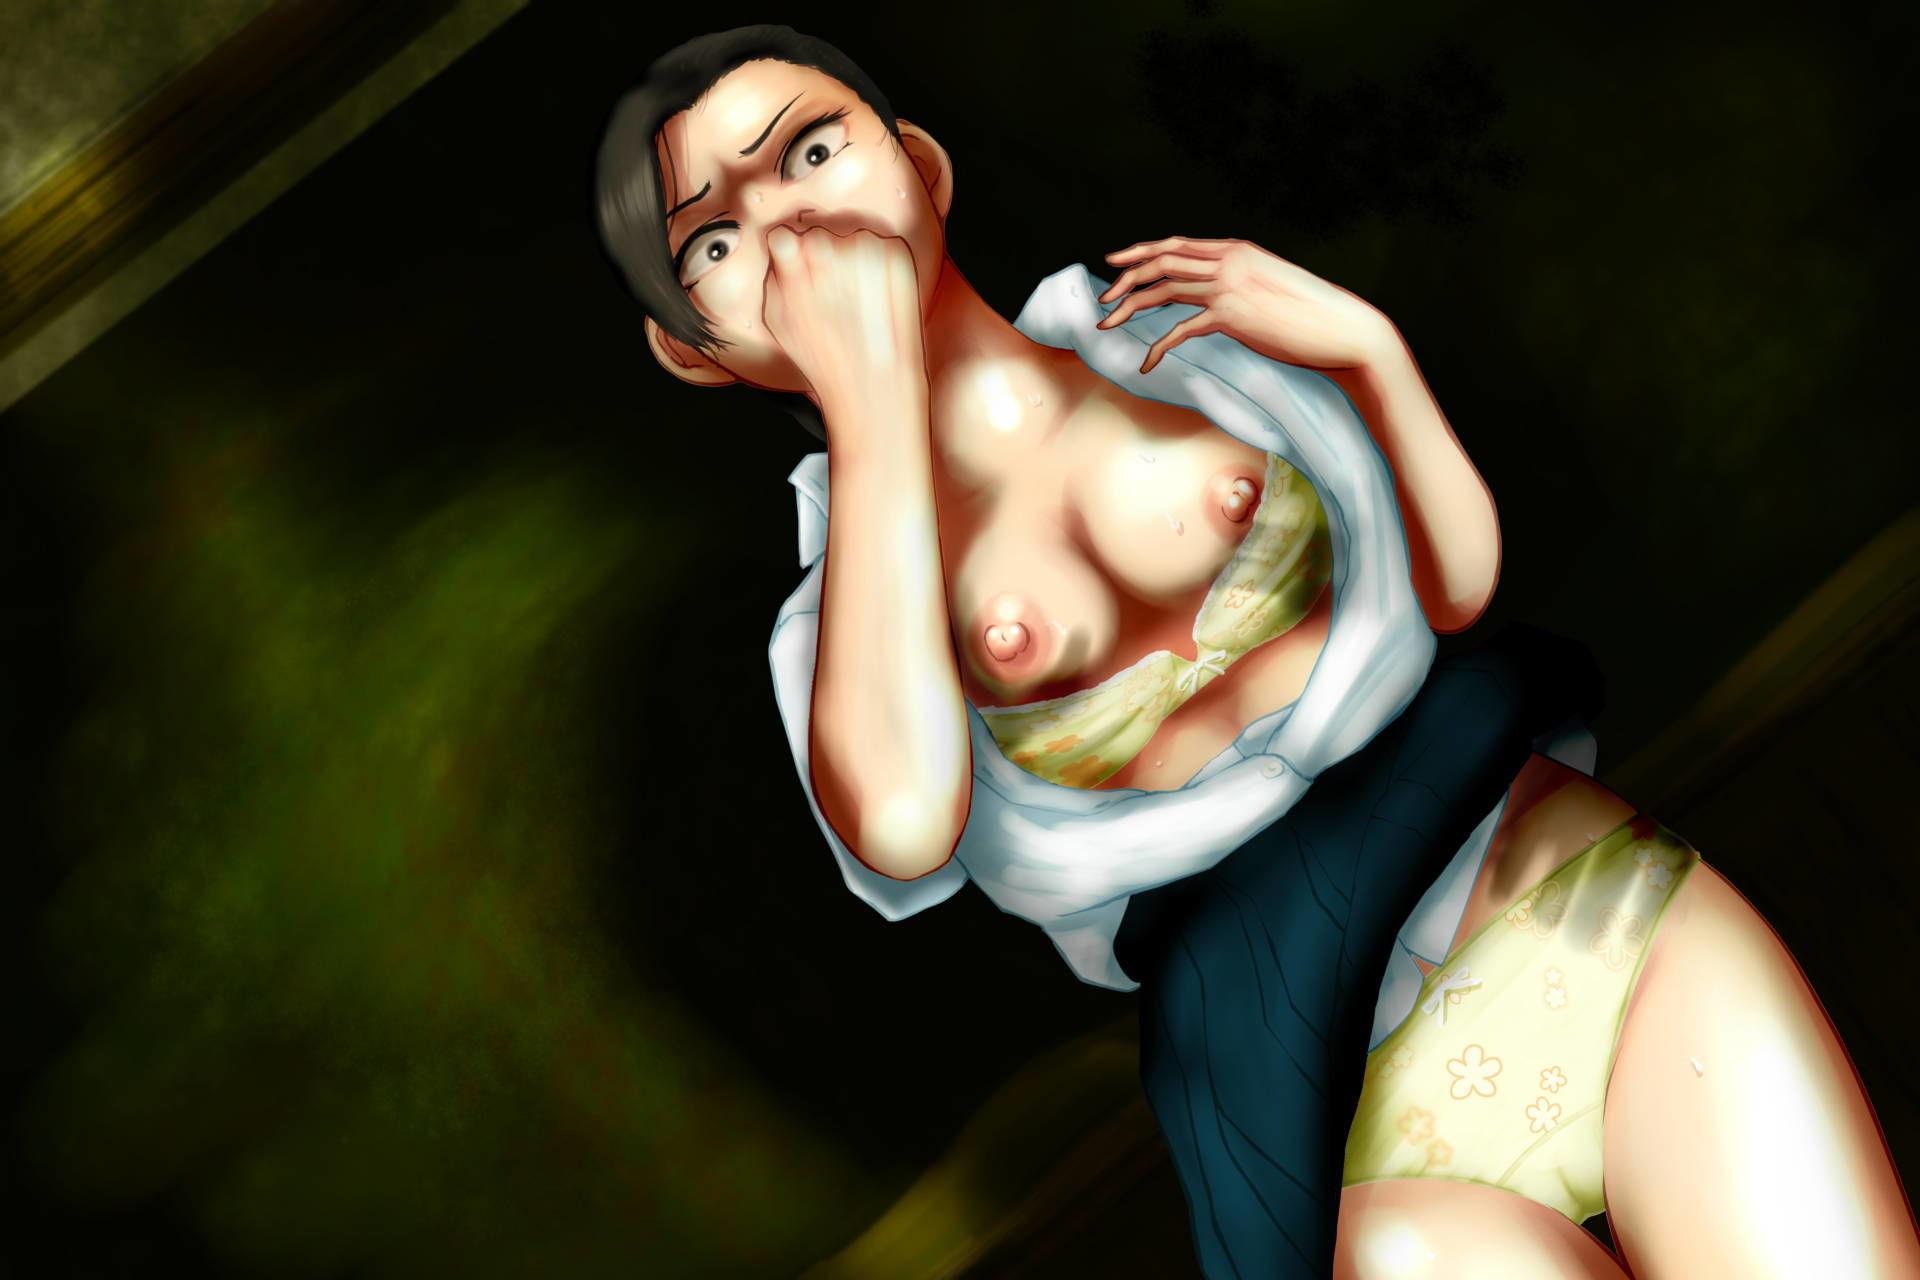 怪奇譚2―廃校舎の怪現象―制服美少女の肉体にまとわりつく怨霊の影